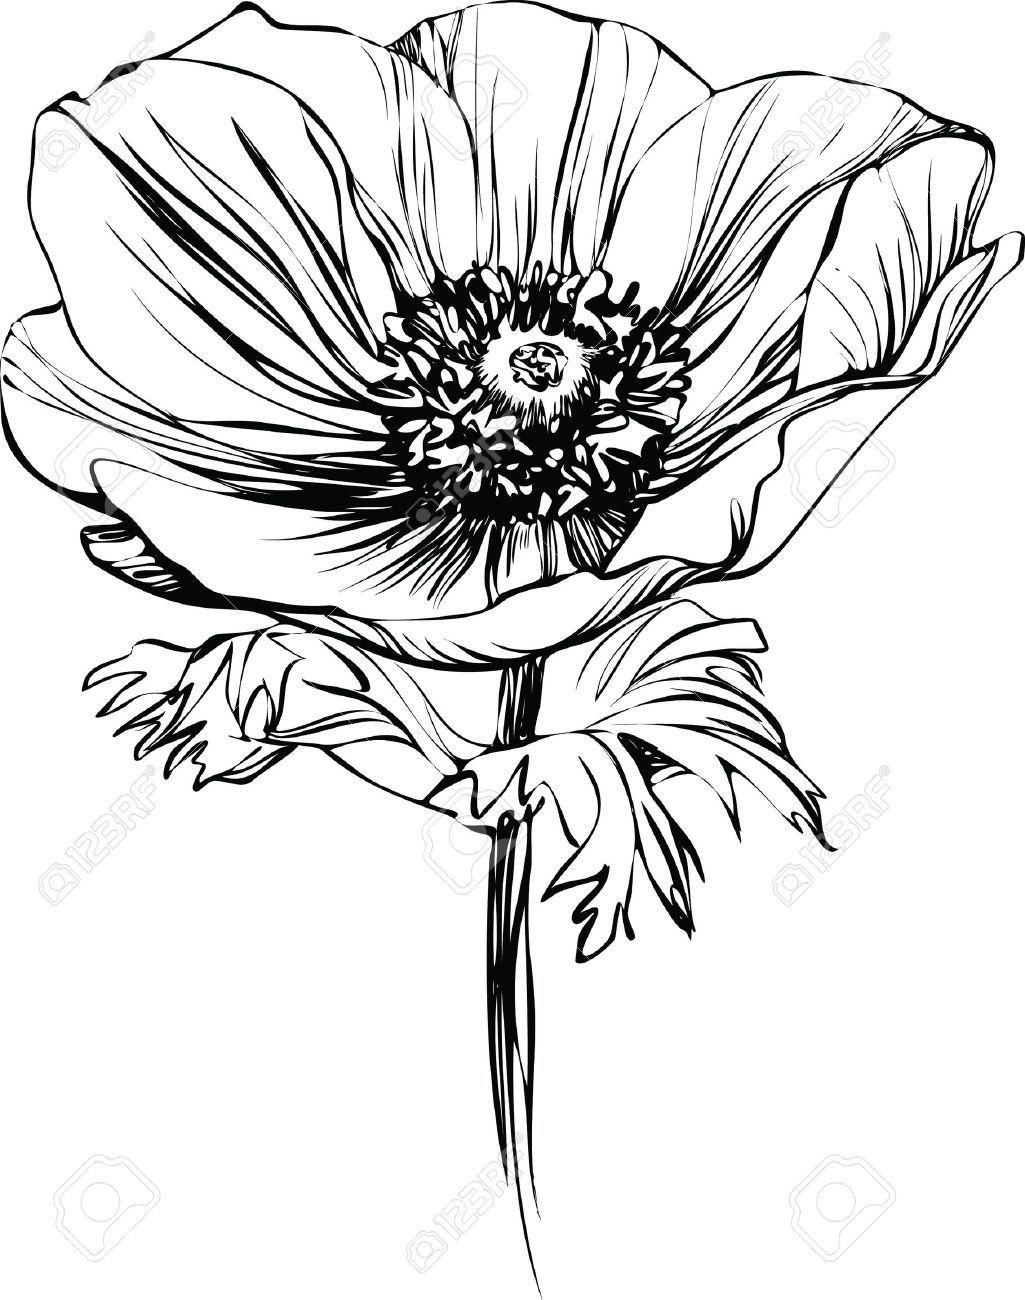 Schwarzweiss Fotoblume Jener Mohnblume Gen Dem Stamm In 2020 Mohn Zeichnung Blumenzeichnungen Blumenzeichnung